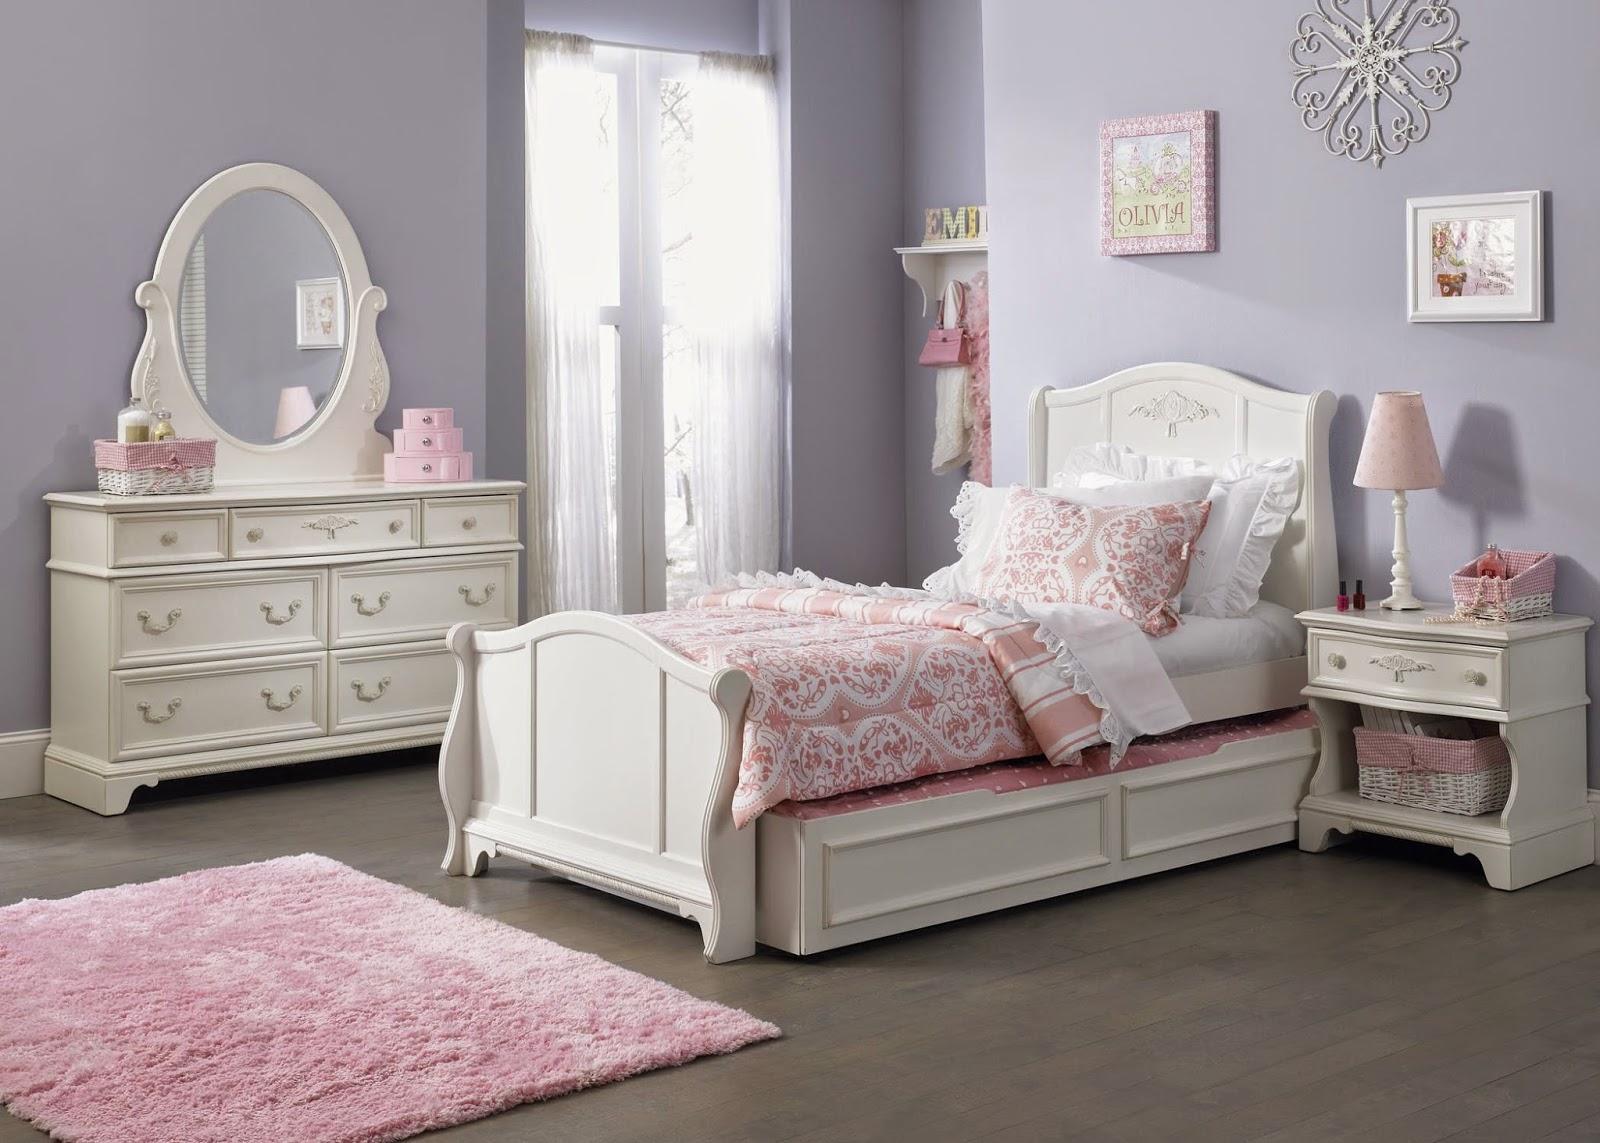 Tips de decoraci n de dormitorios juveniles for Habitaciones juveniles con cama grande